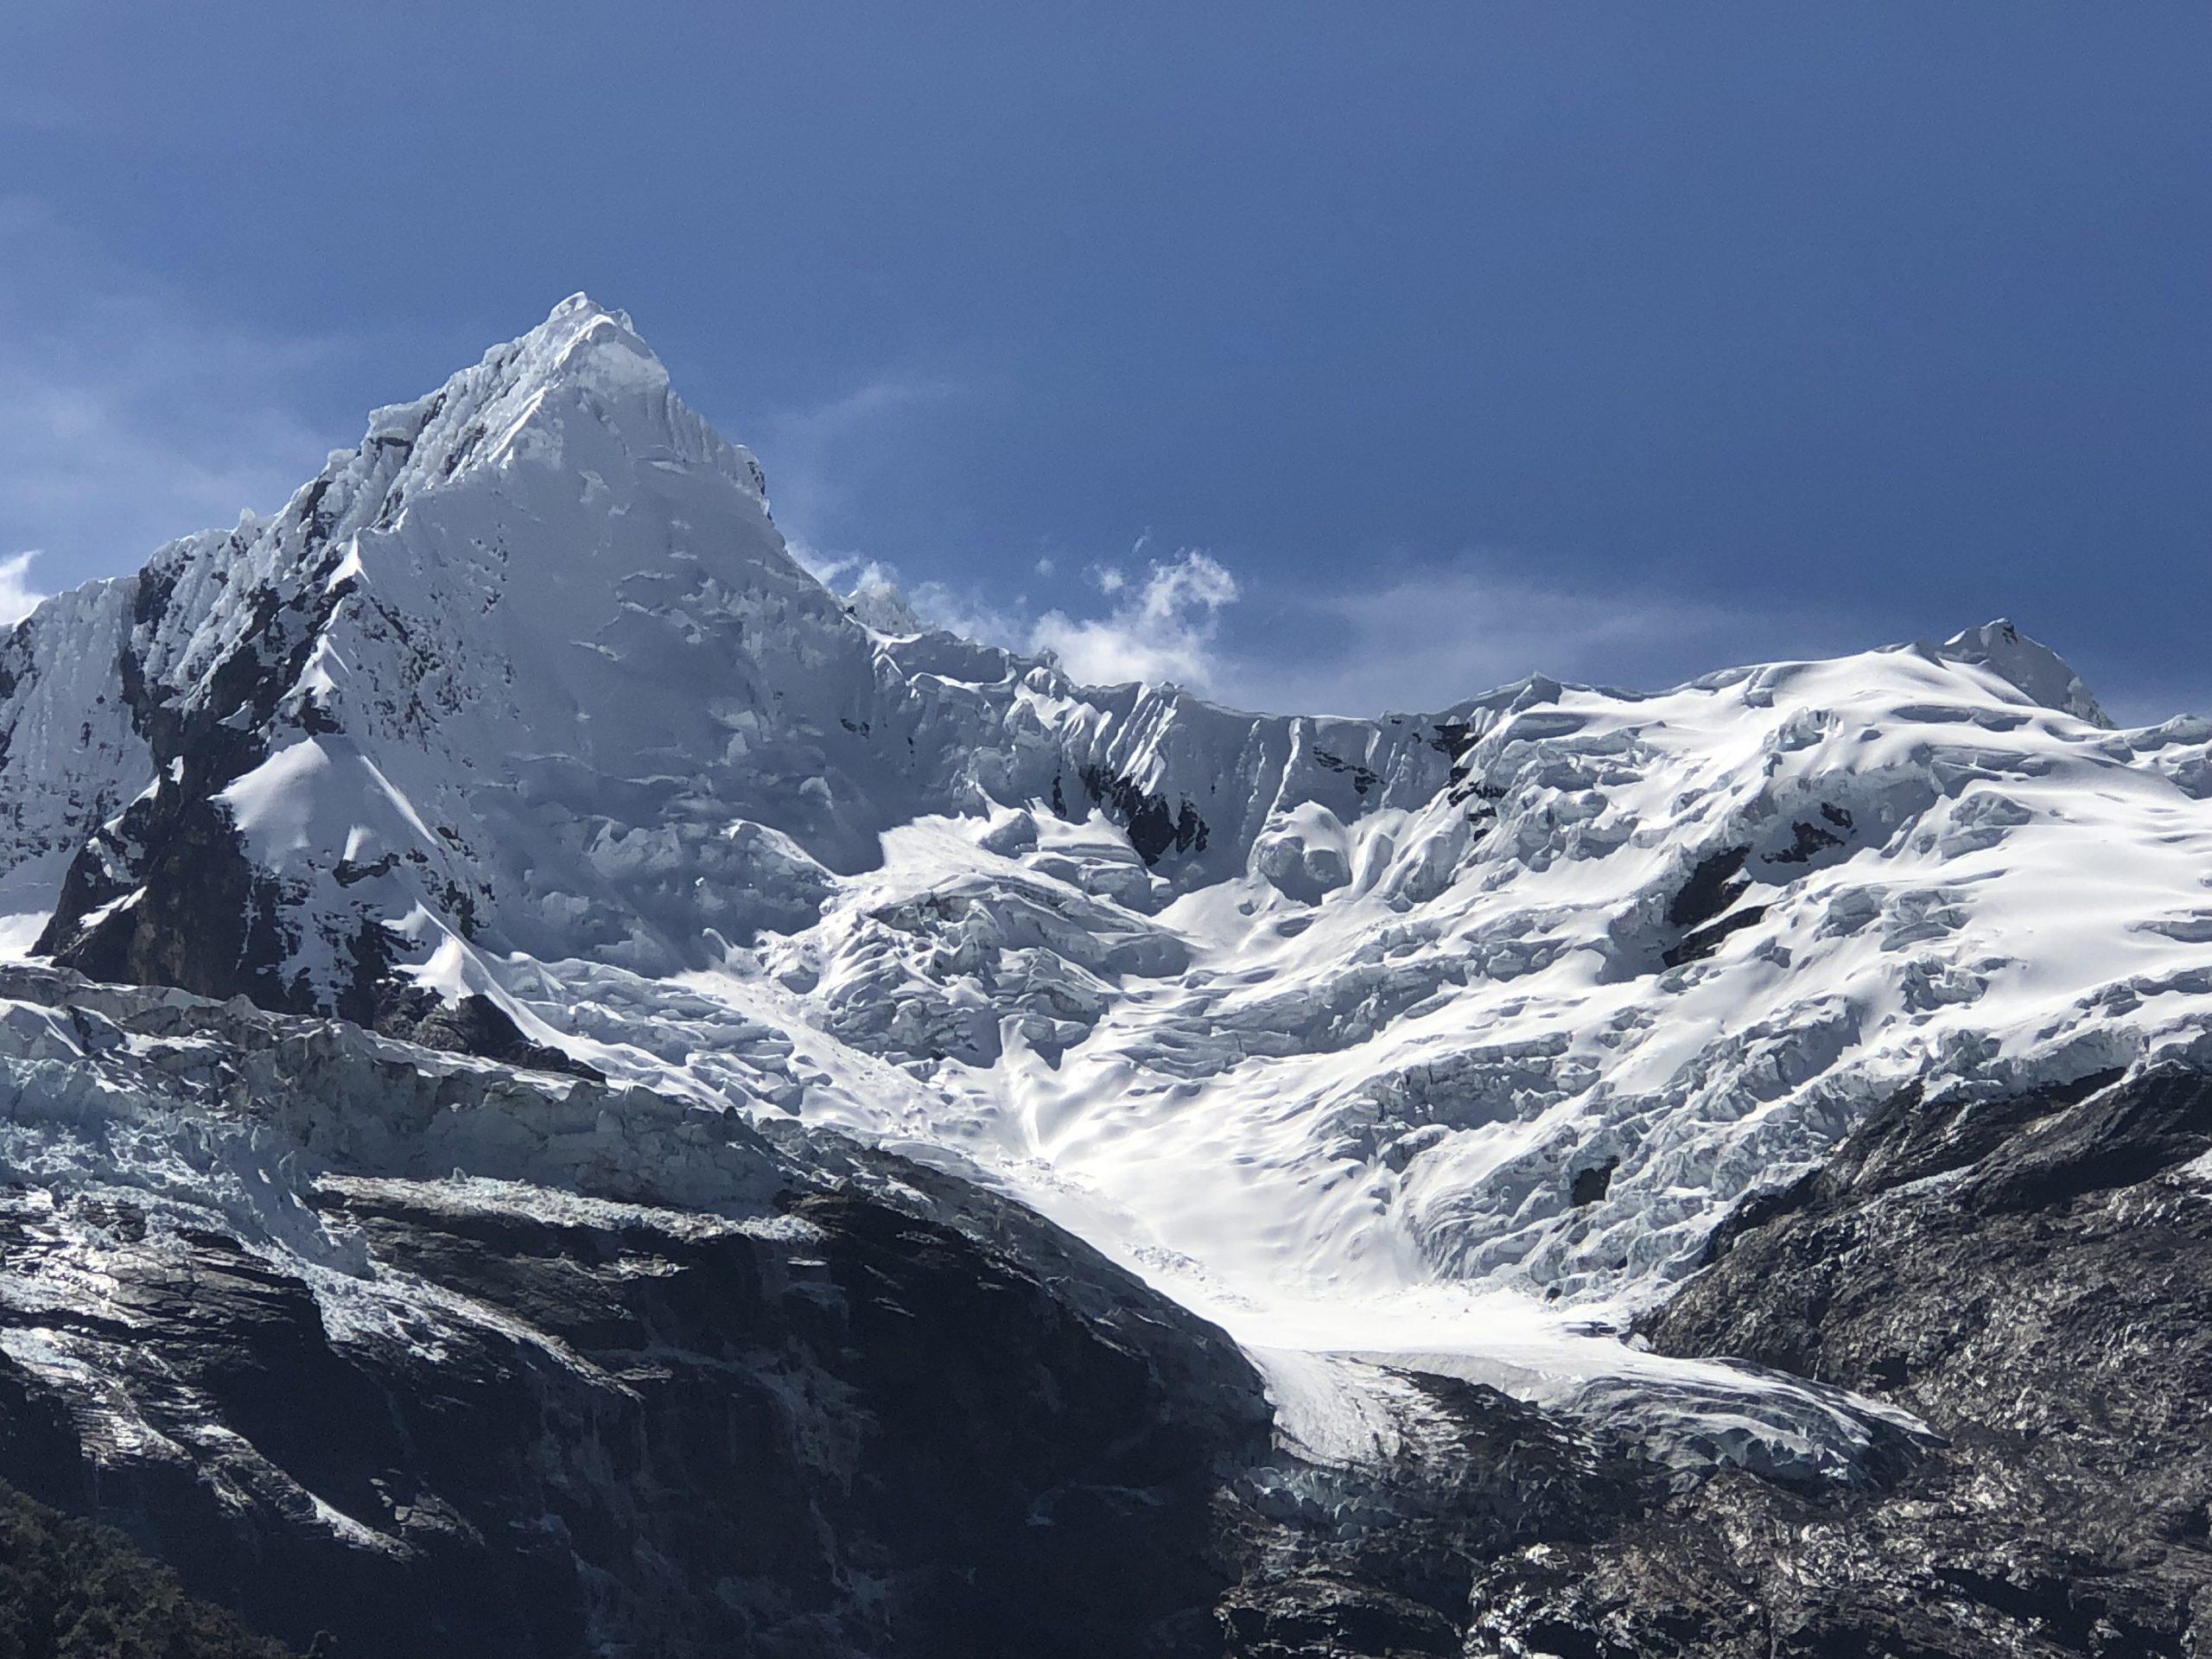 Cordillera Blanca Glacier